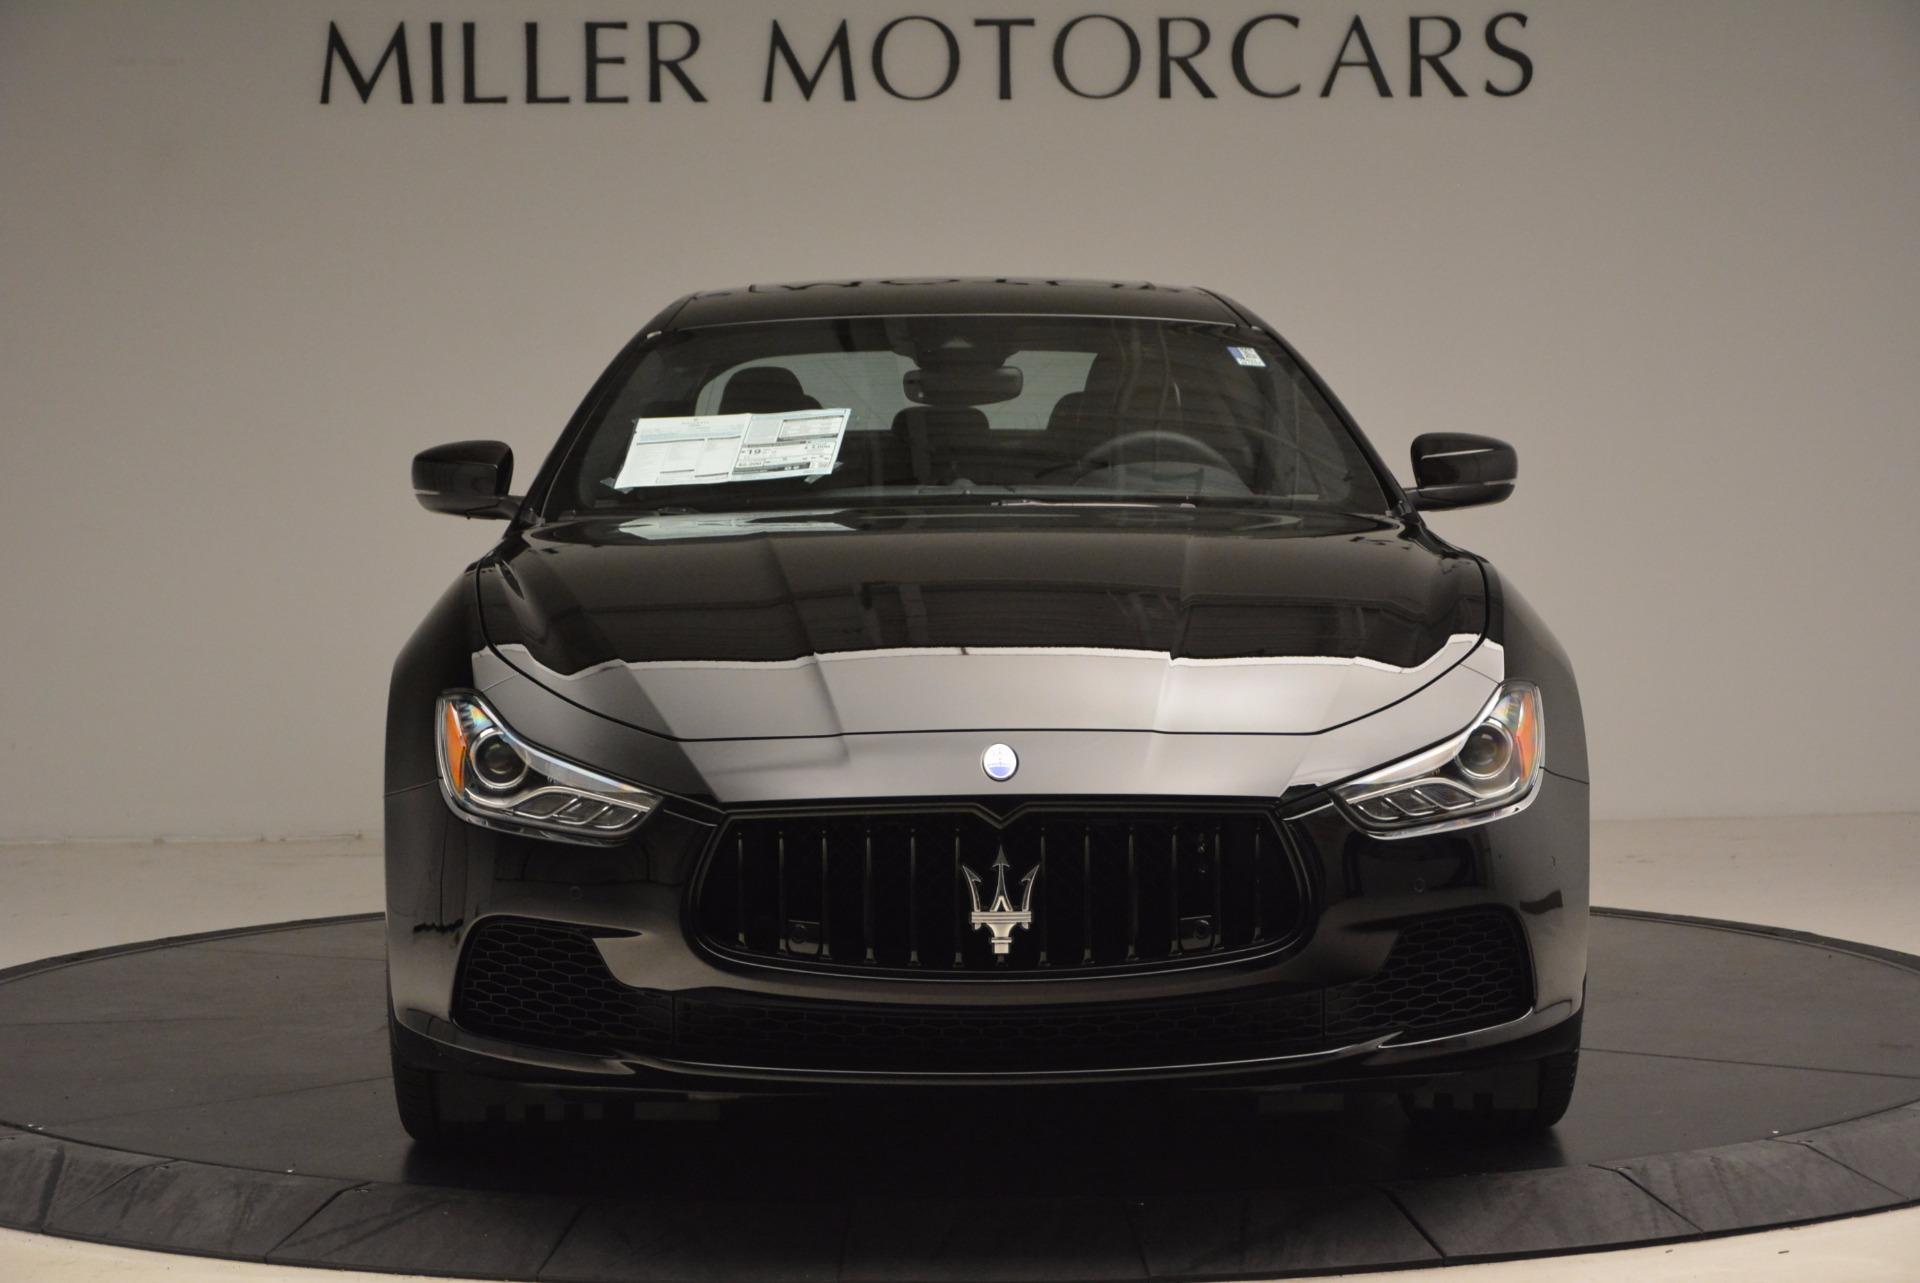 New 2017 Maserati Ghibli Nerissimo Edition S Q4 For Sale In Greenwich, CT 1420_p12